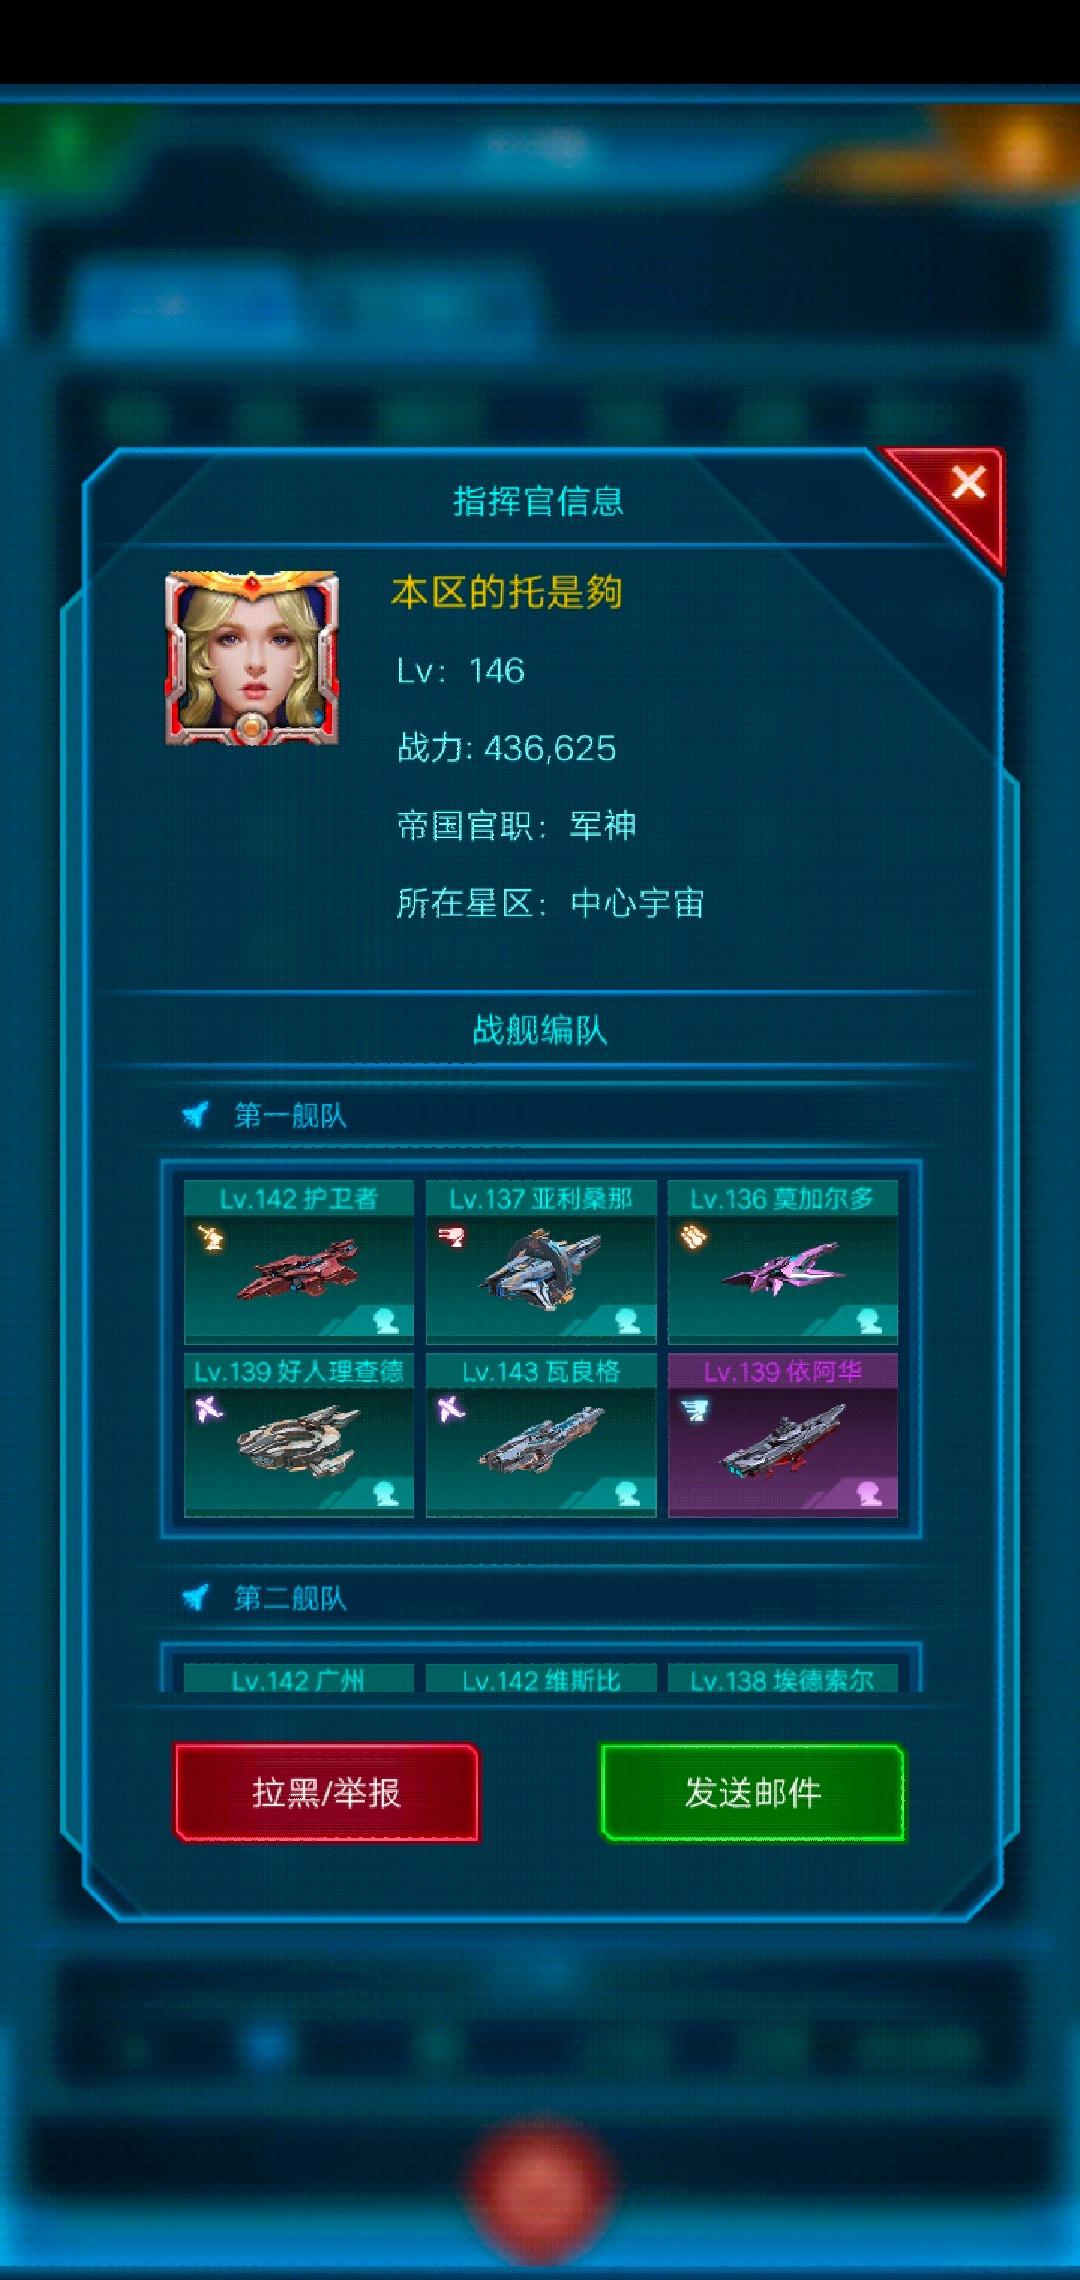 Screenshot_20190525_170907.jpg